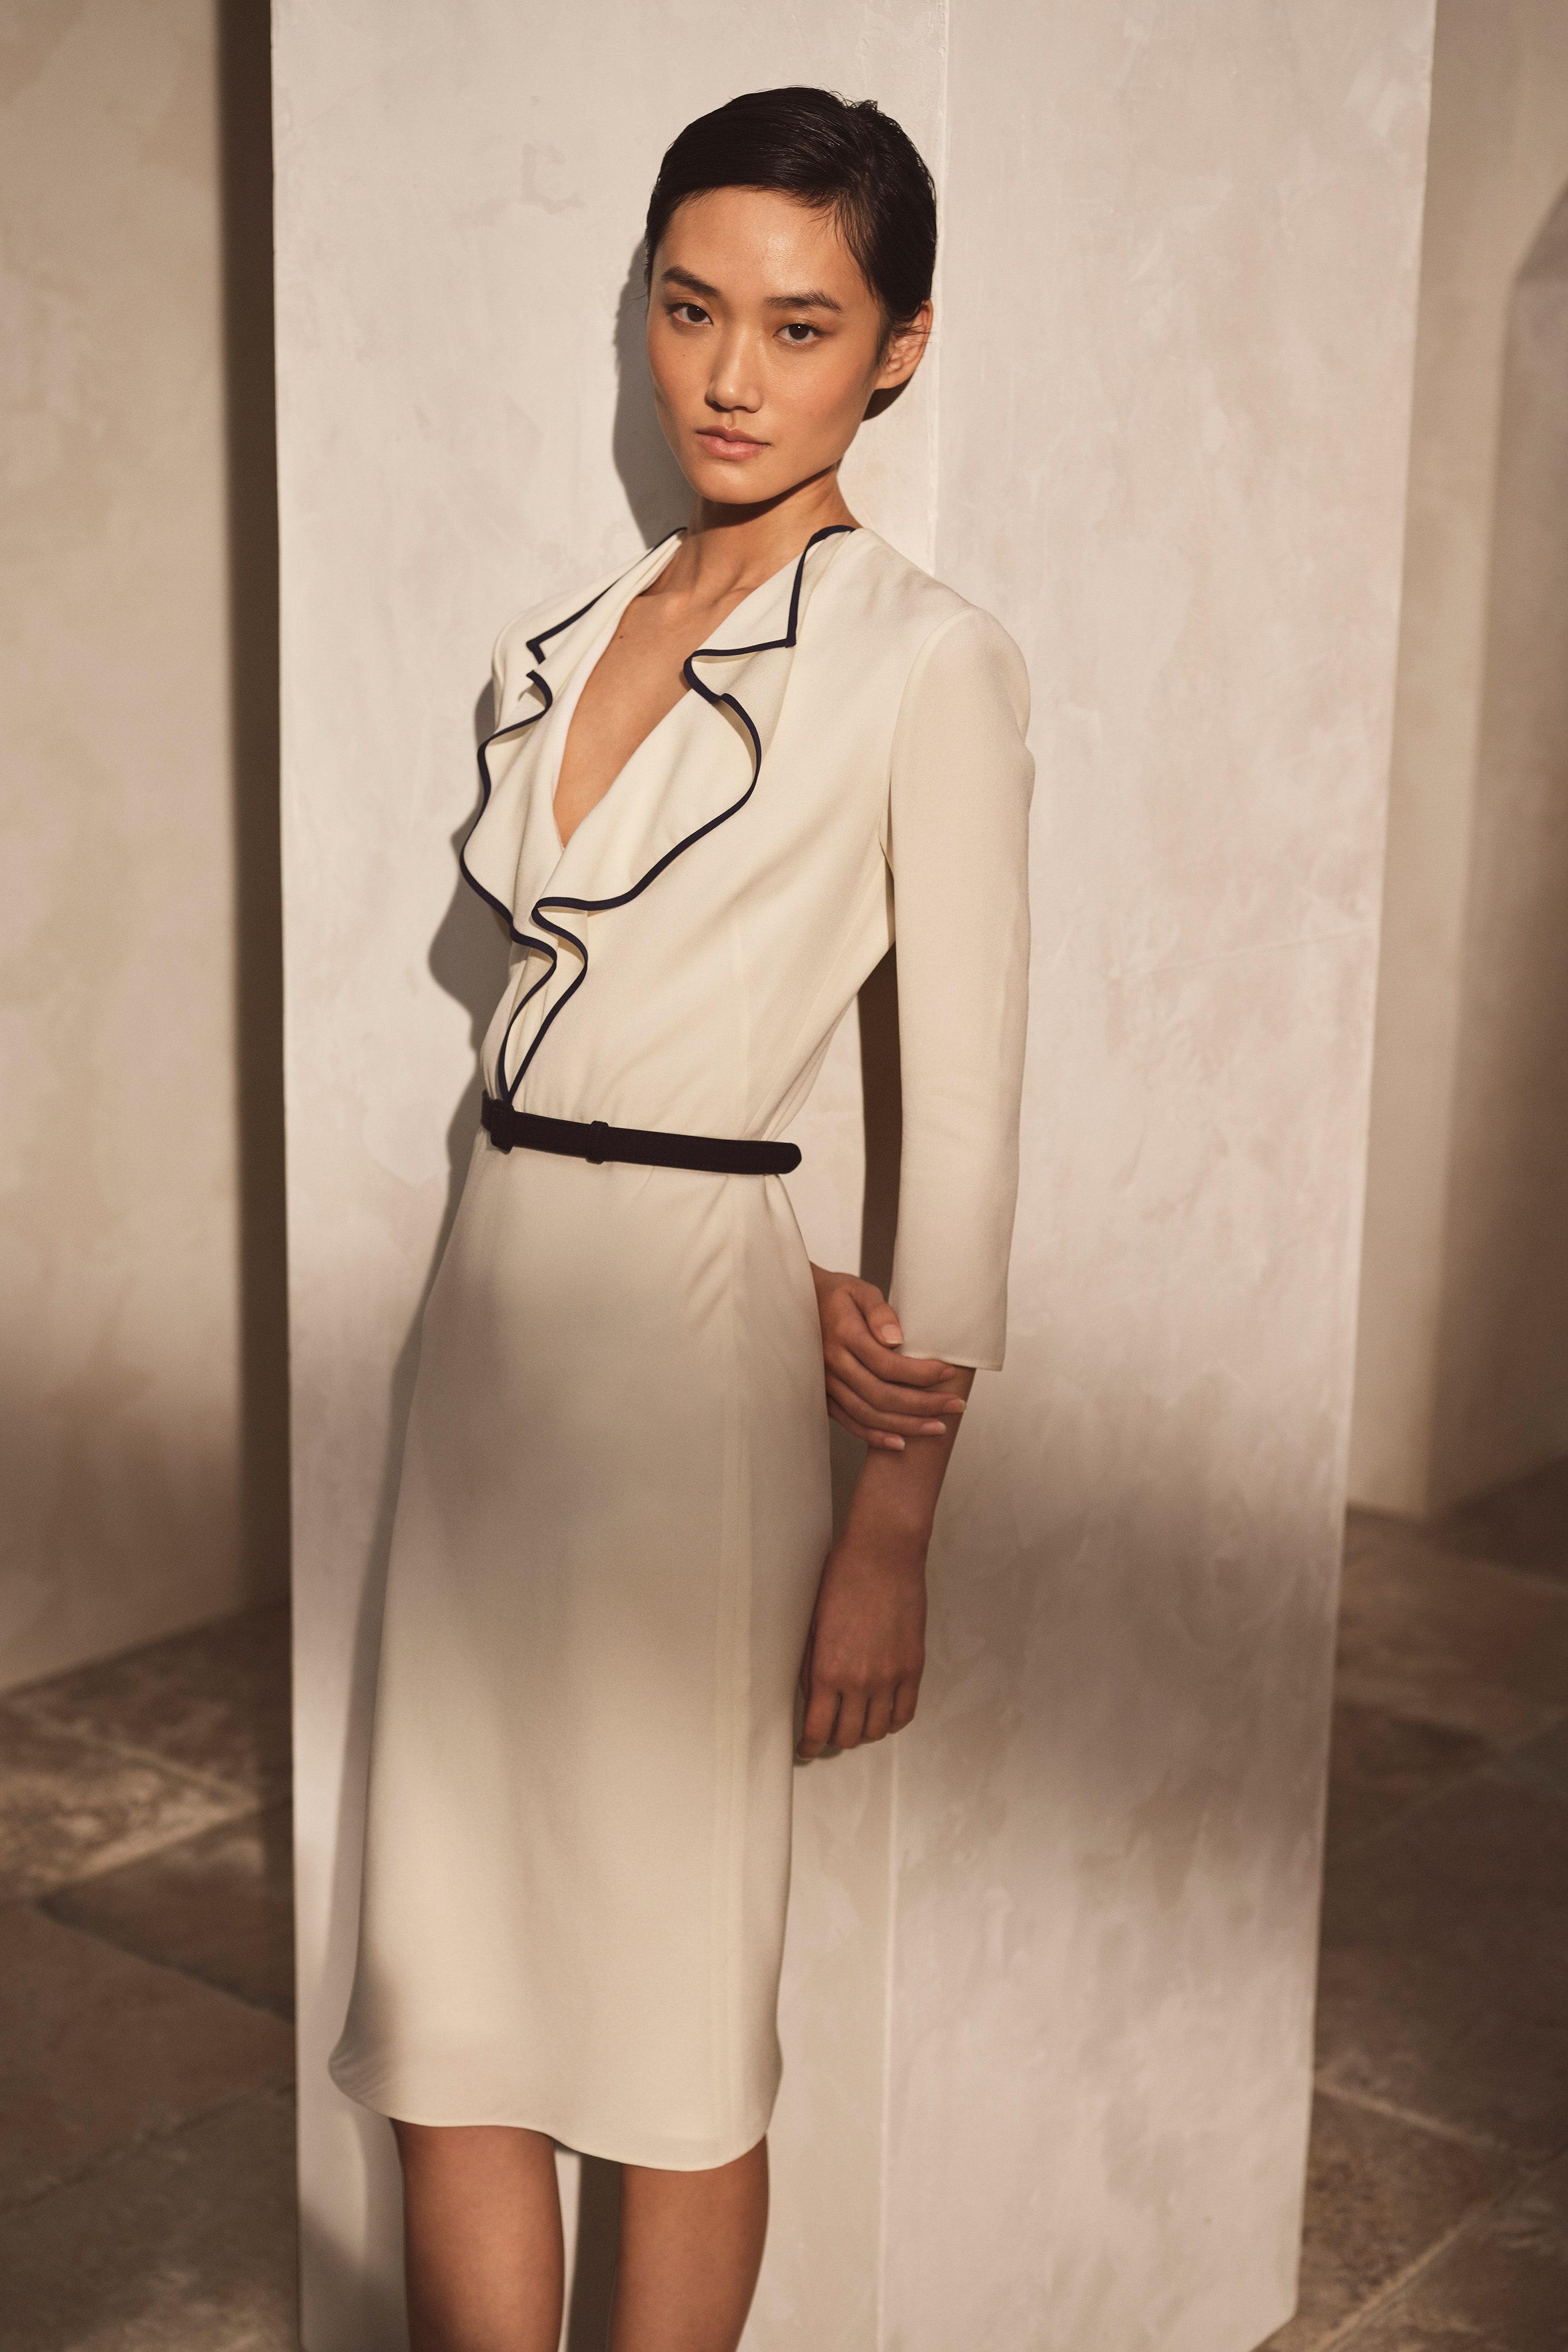 Vestido blanco con volantes y costuras en contraste